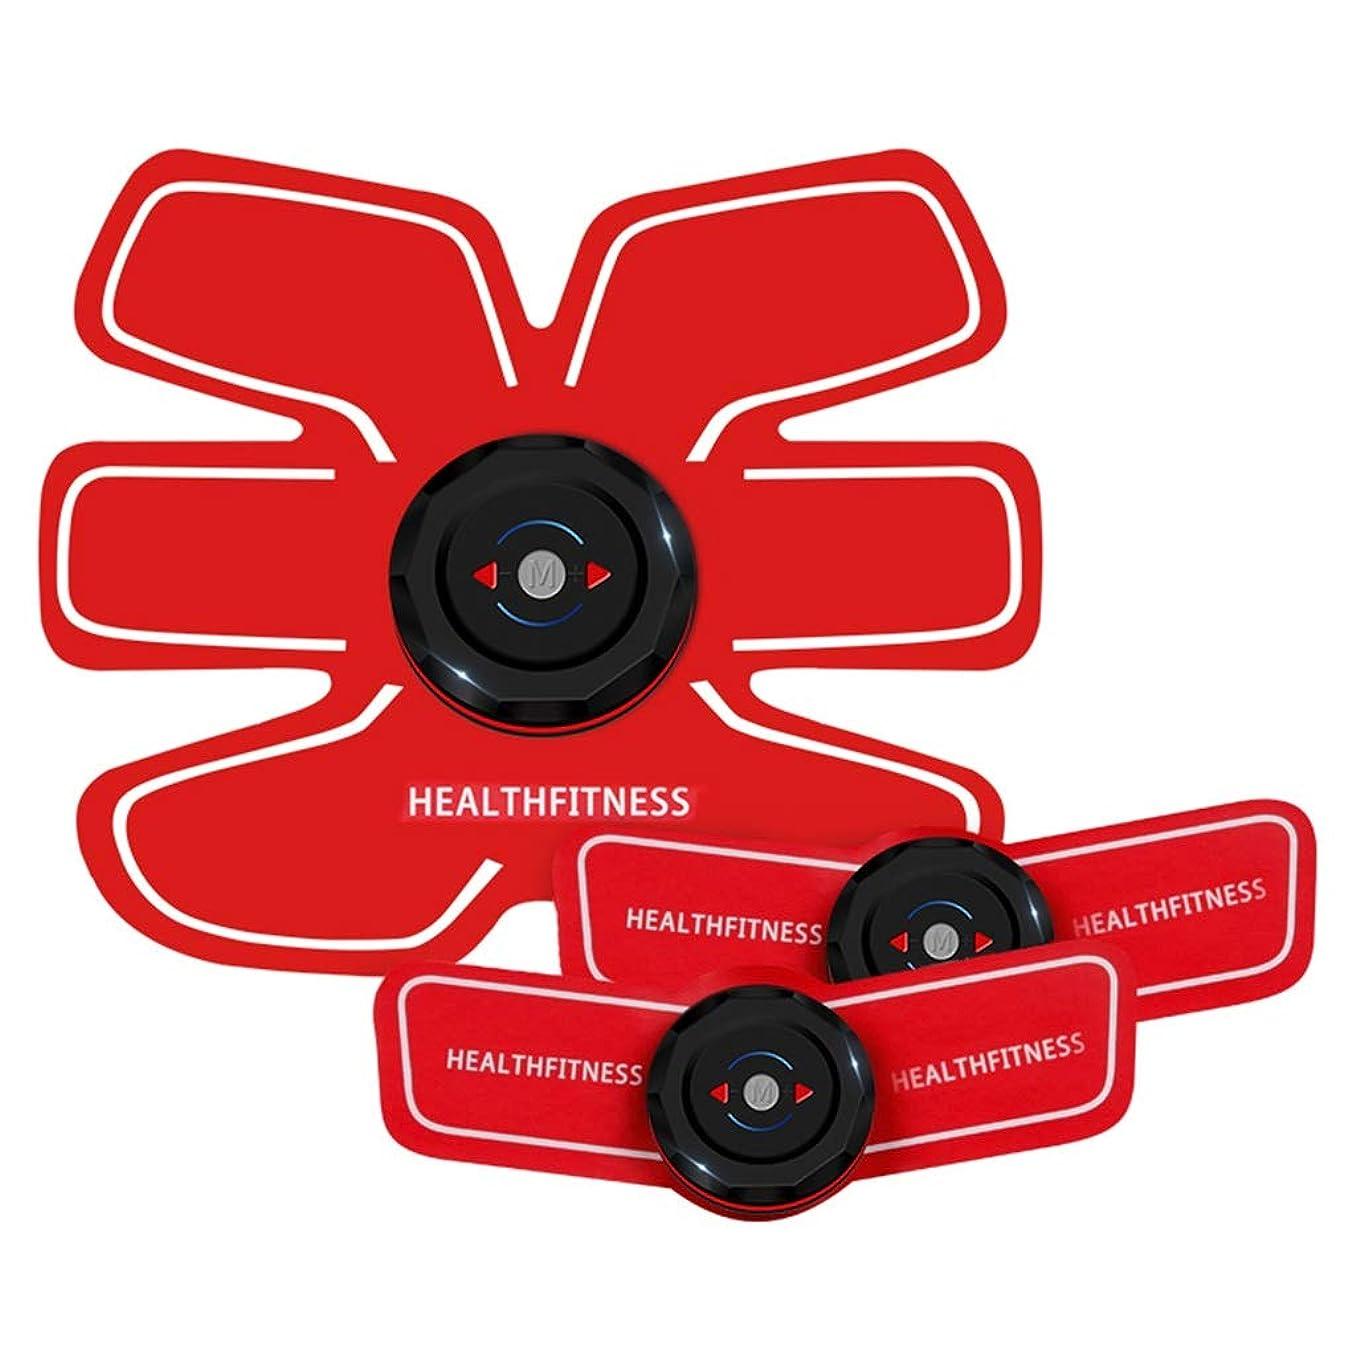 テンポ所属に慣れフィットネス薄いベルト、EMSスマート腹筋フィットネスマシン腹筋トレーナーボディービルディング腹部ベルトホームオフィス男性と女性の腹筋トレーニング装置怠惰な体整形筋刺激装置 (Color : RED, Size : 23.5*23*5.5CM)